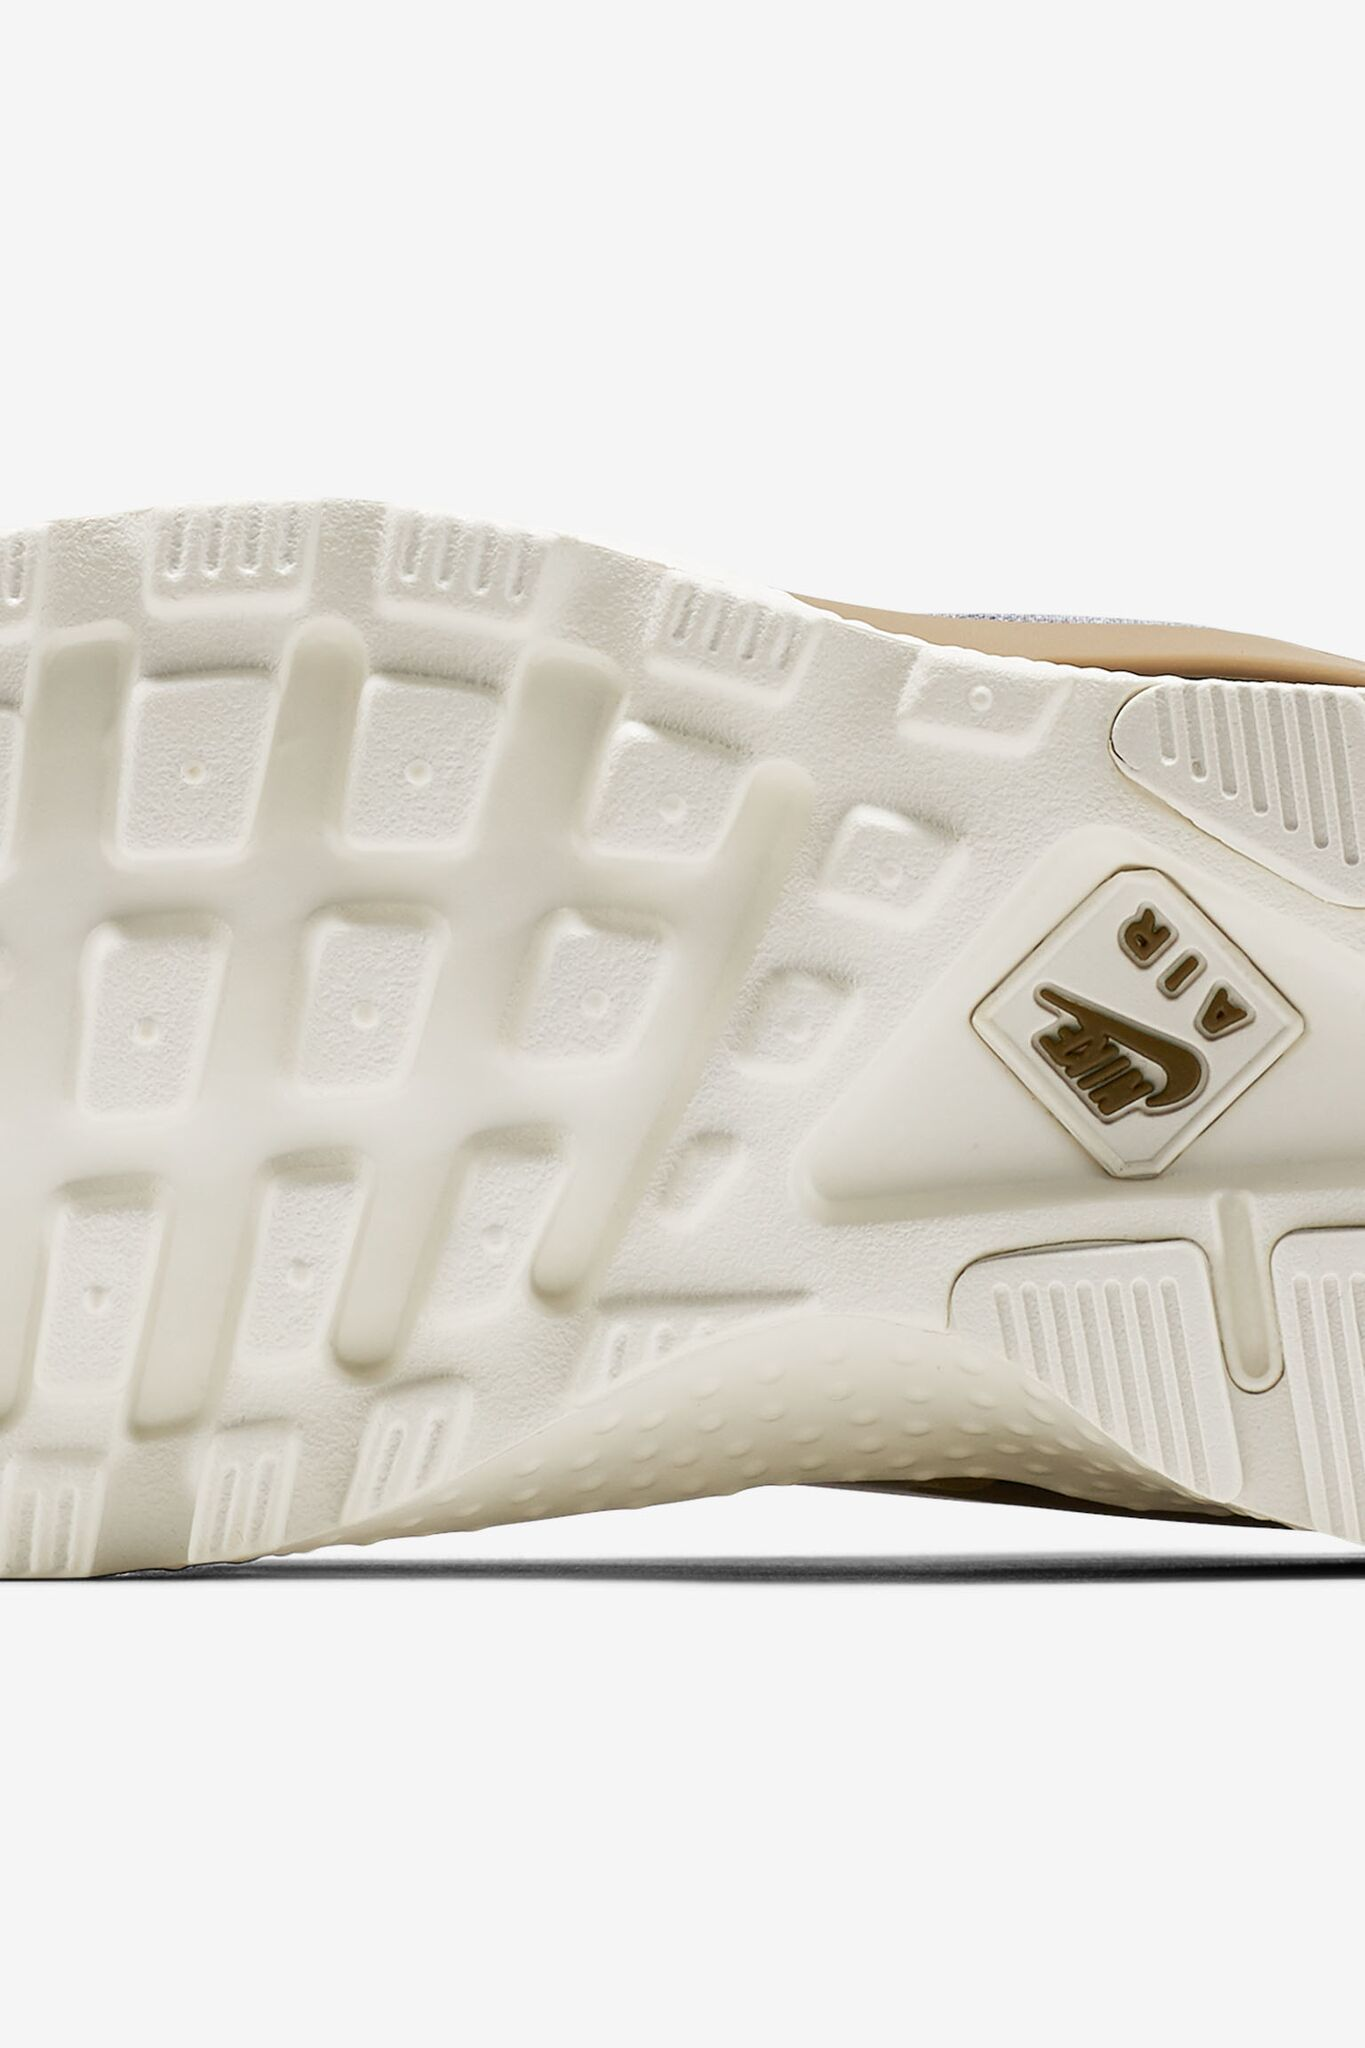 Women's Nike Air Huarache Ultra SE 'Midnight Navy & Golden Beige'.